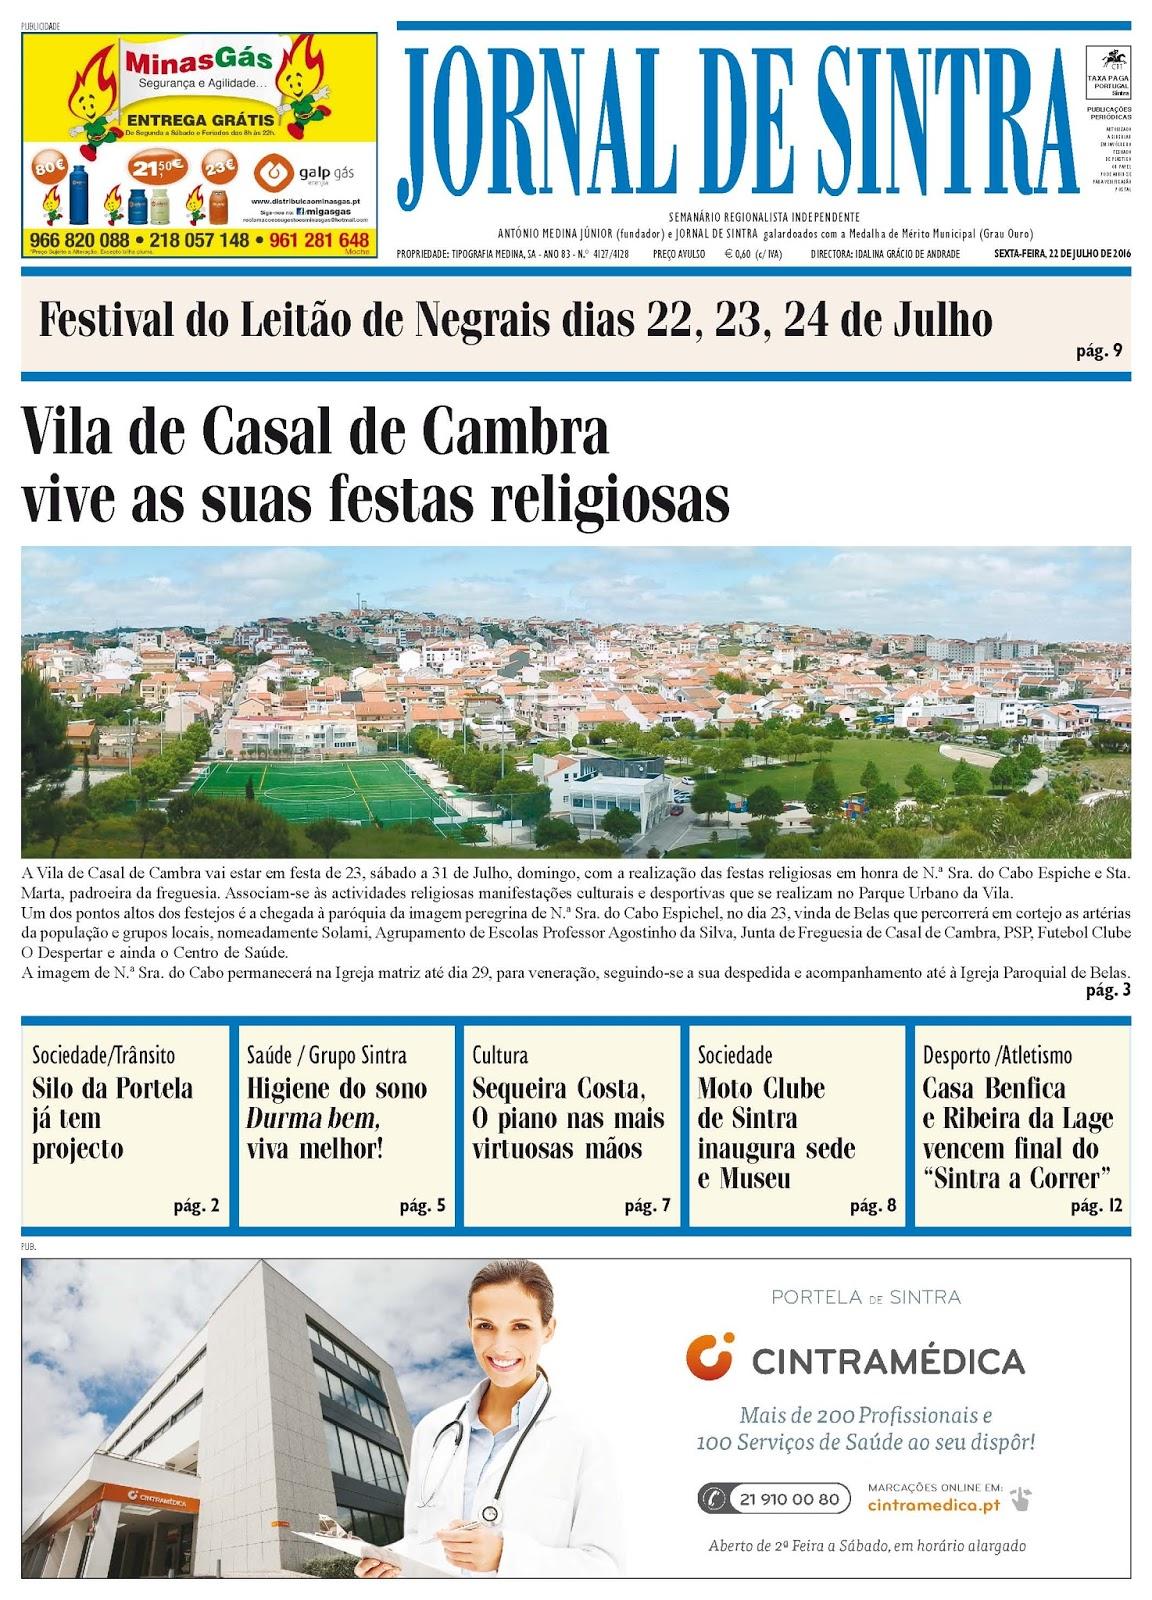 Capa da edição de 22-07-2016